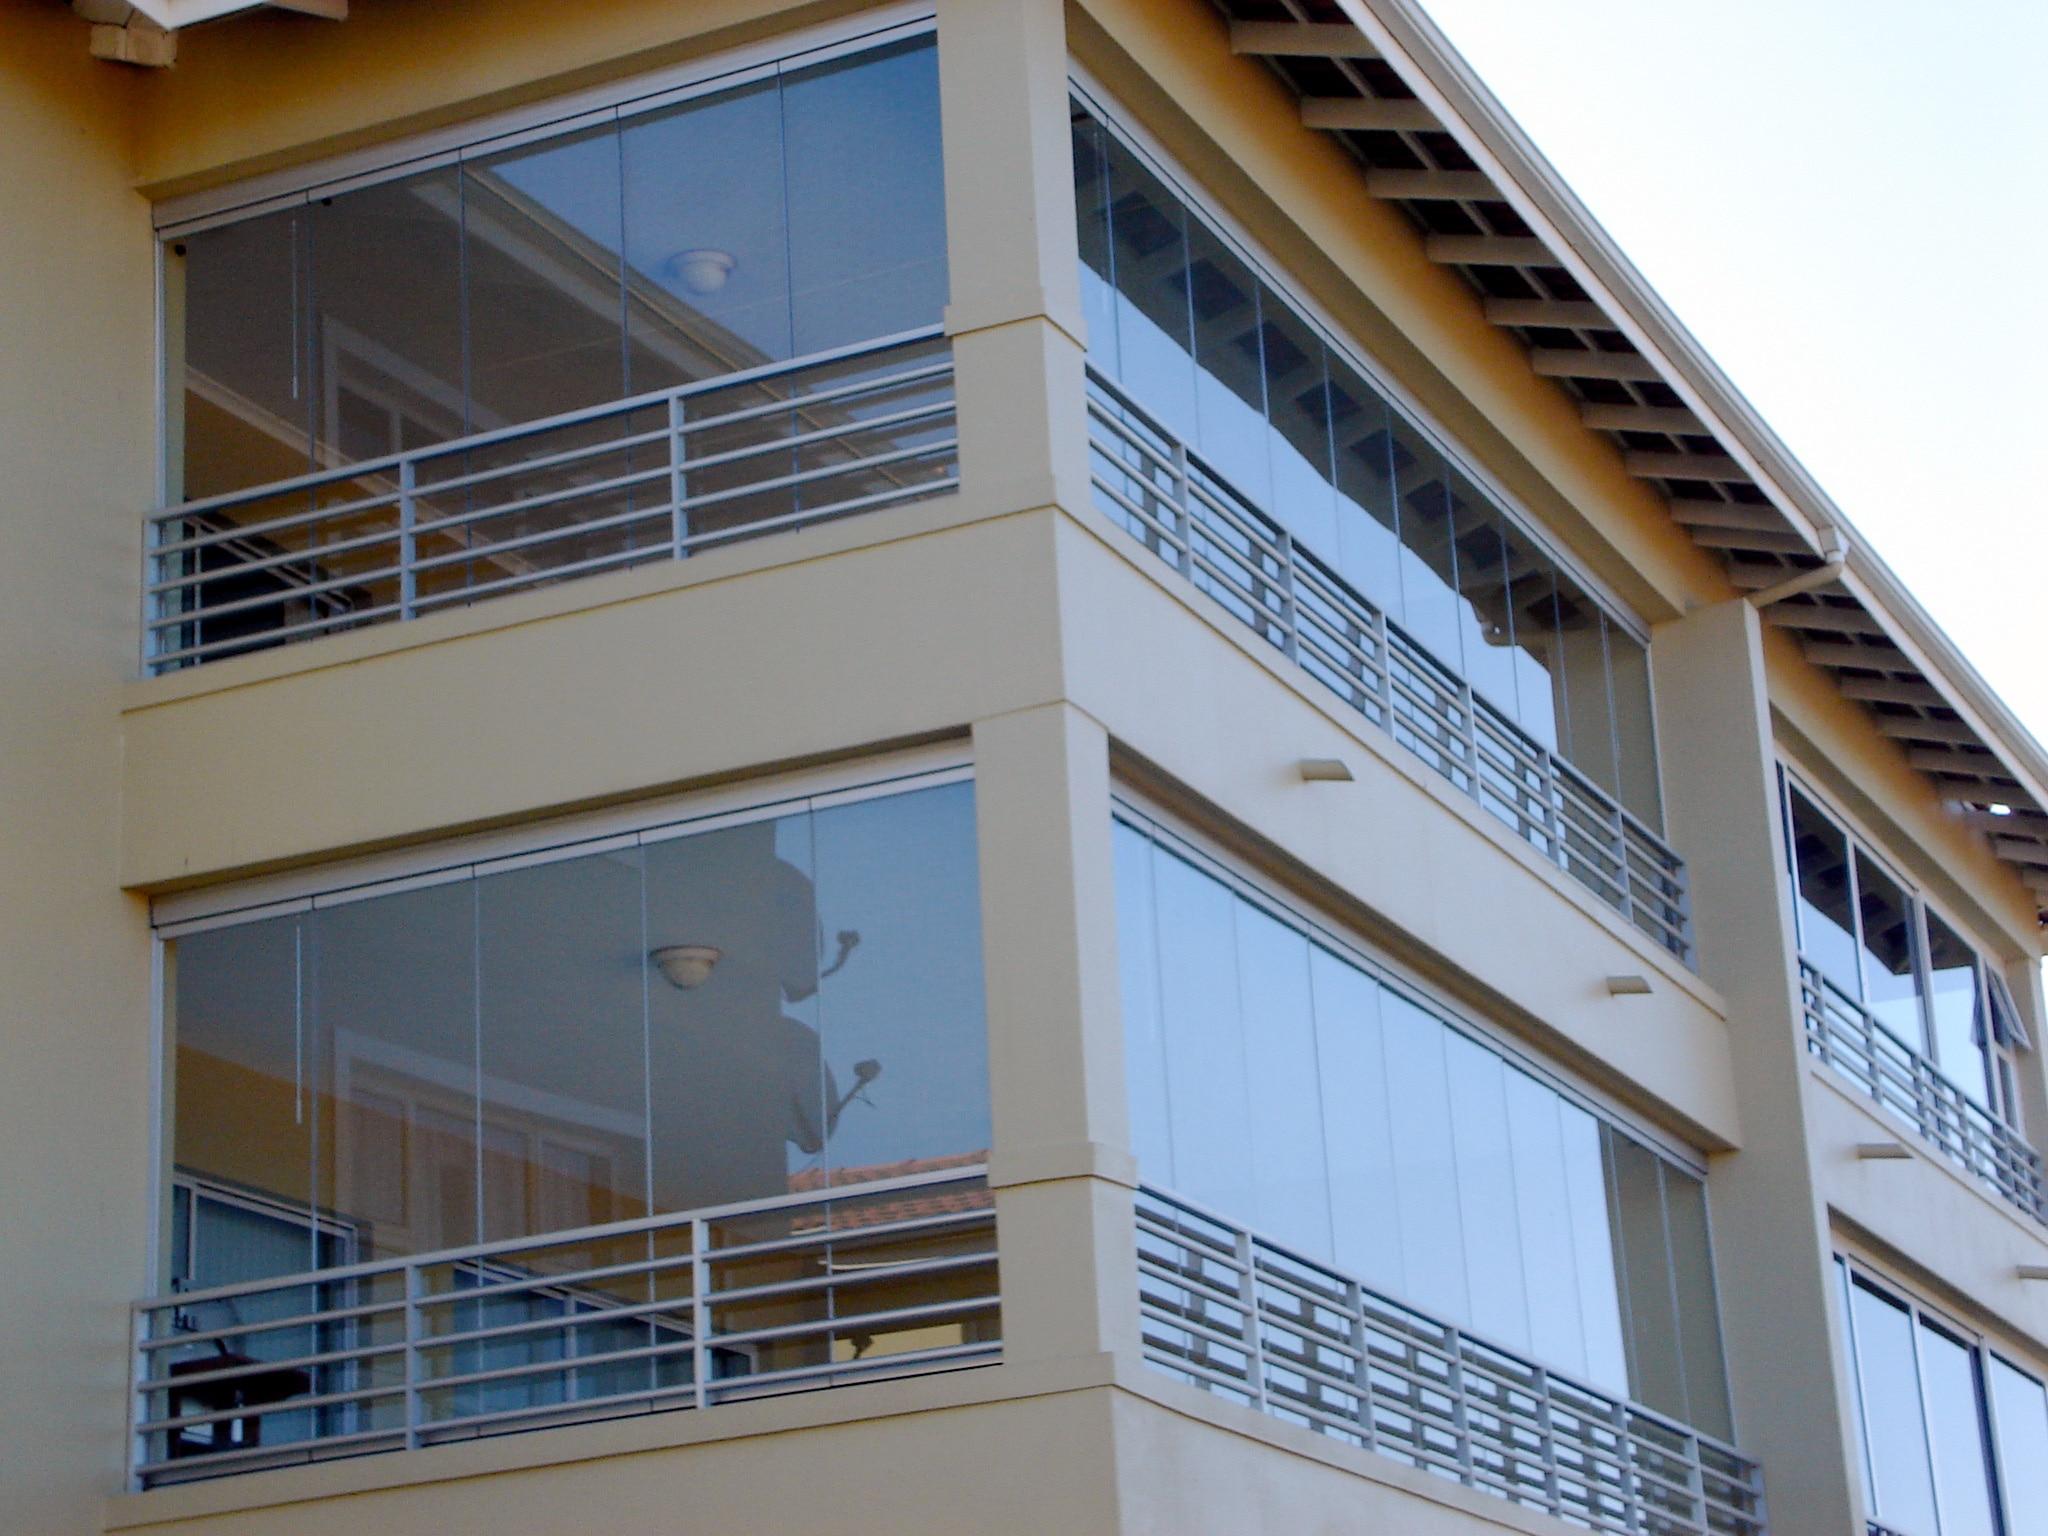 Verglasung für einen großen Balkon